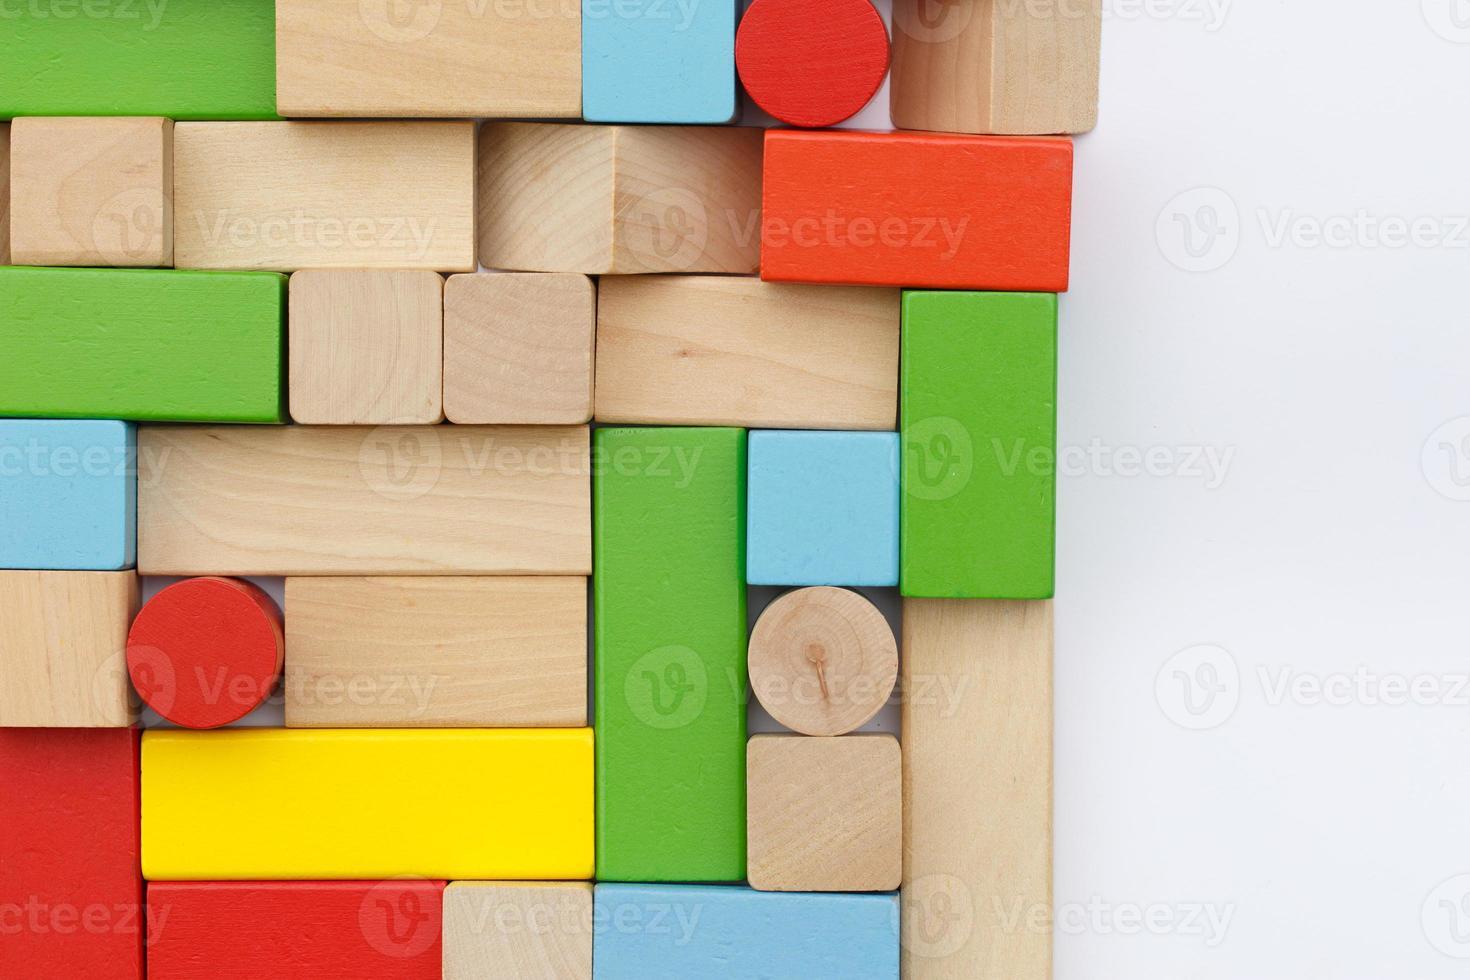 trä byggstenar isolerad på vit bakgrund foto